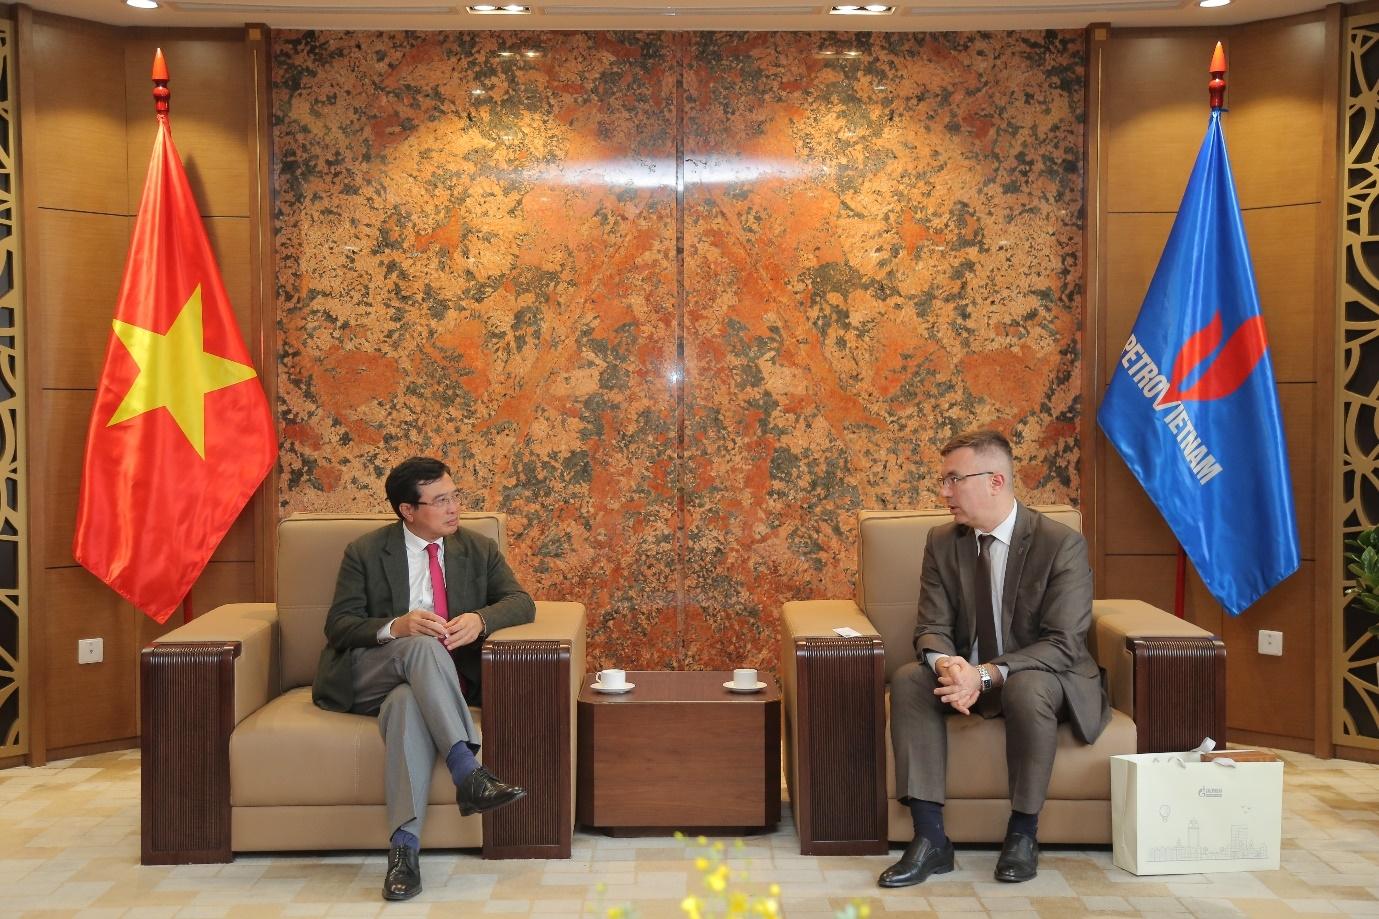 Chủ tịch Hội đồng Thành viên Petrovietnam Hoàng Quốc Vượng tiếp lãnh đạo Vietgazprom